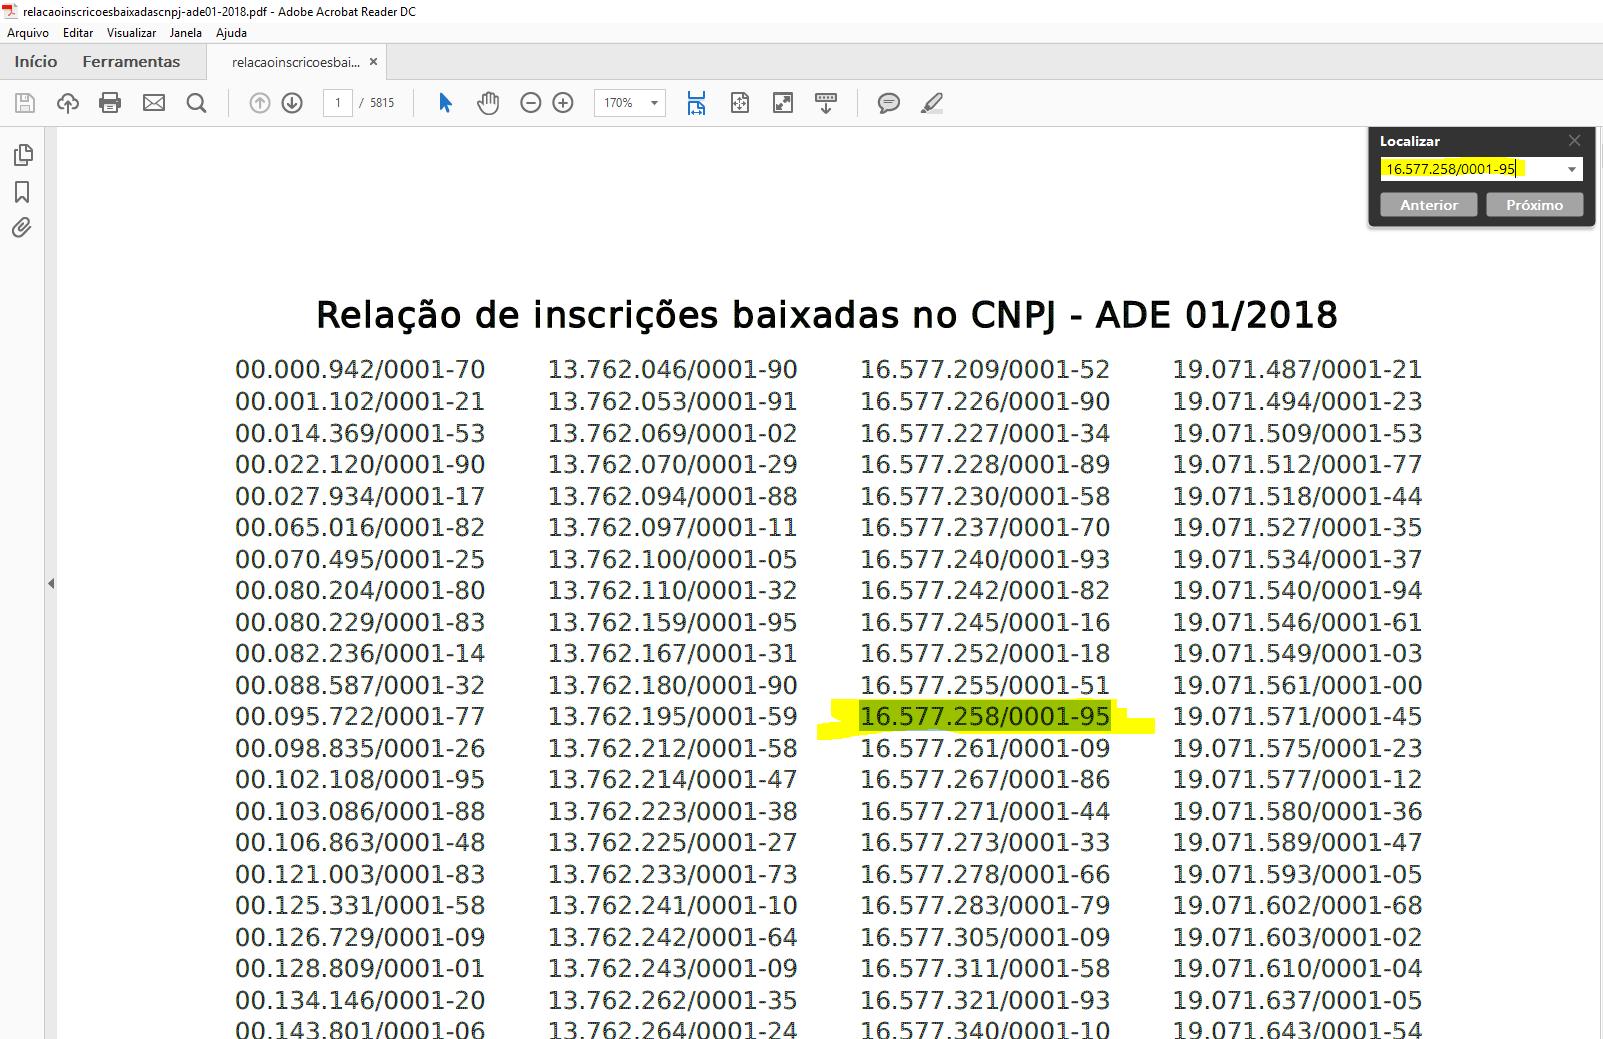 Busca por CNPJ no PDF